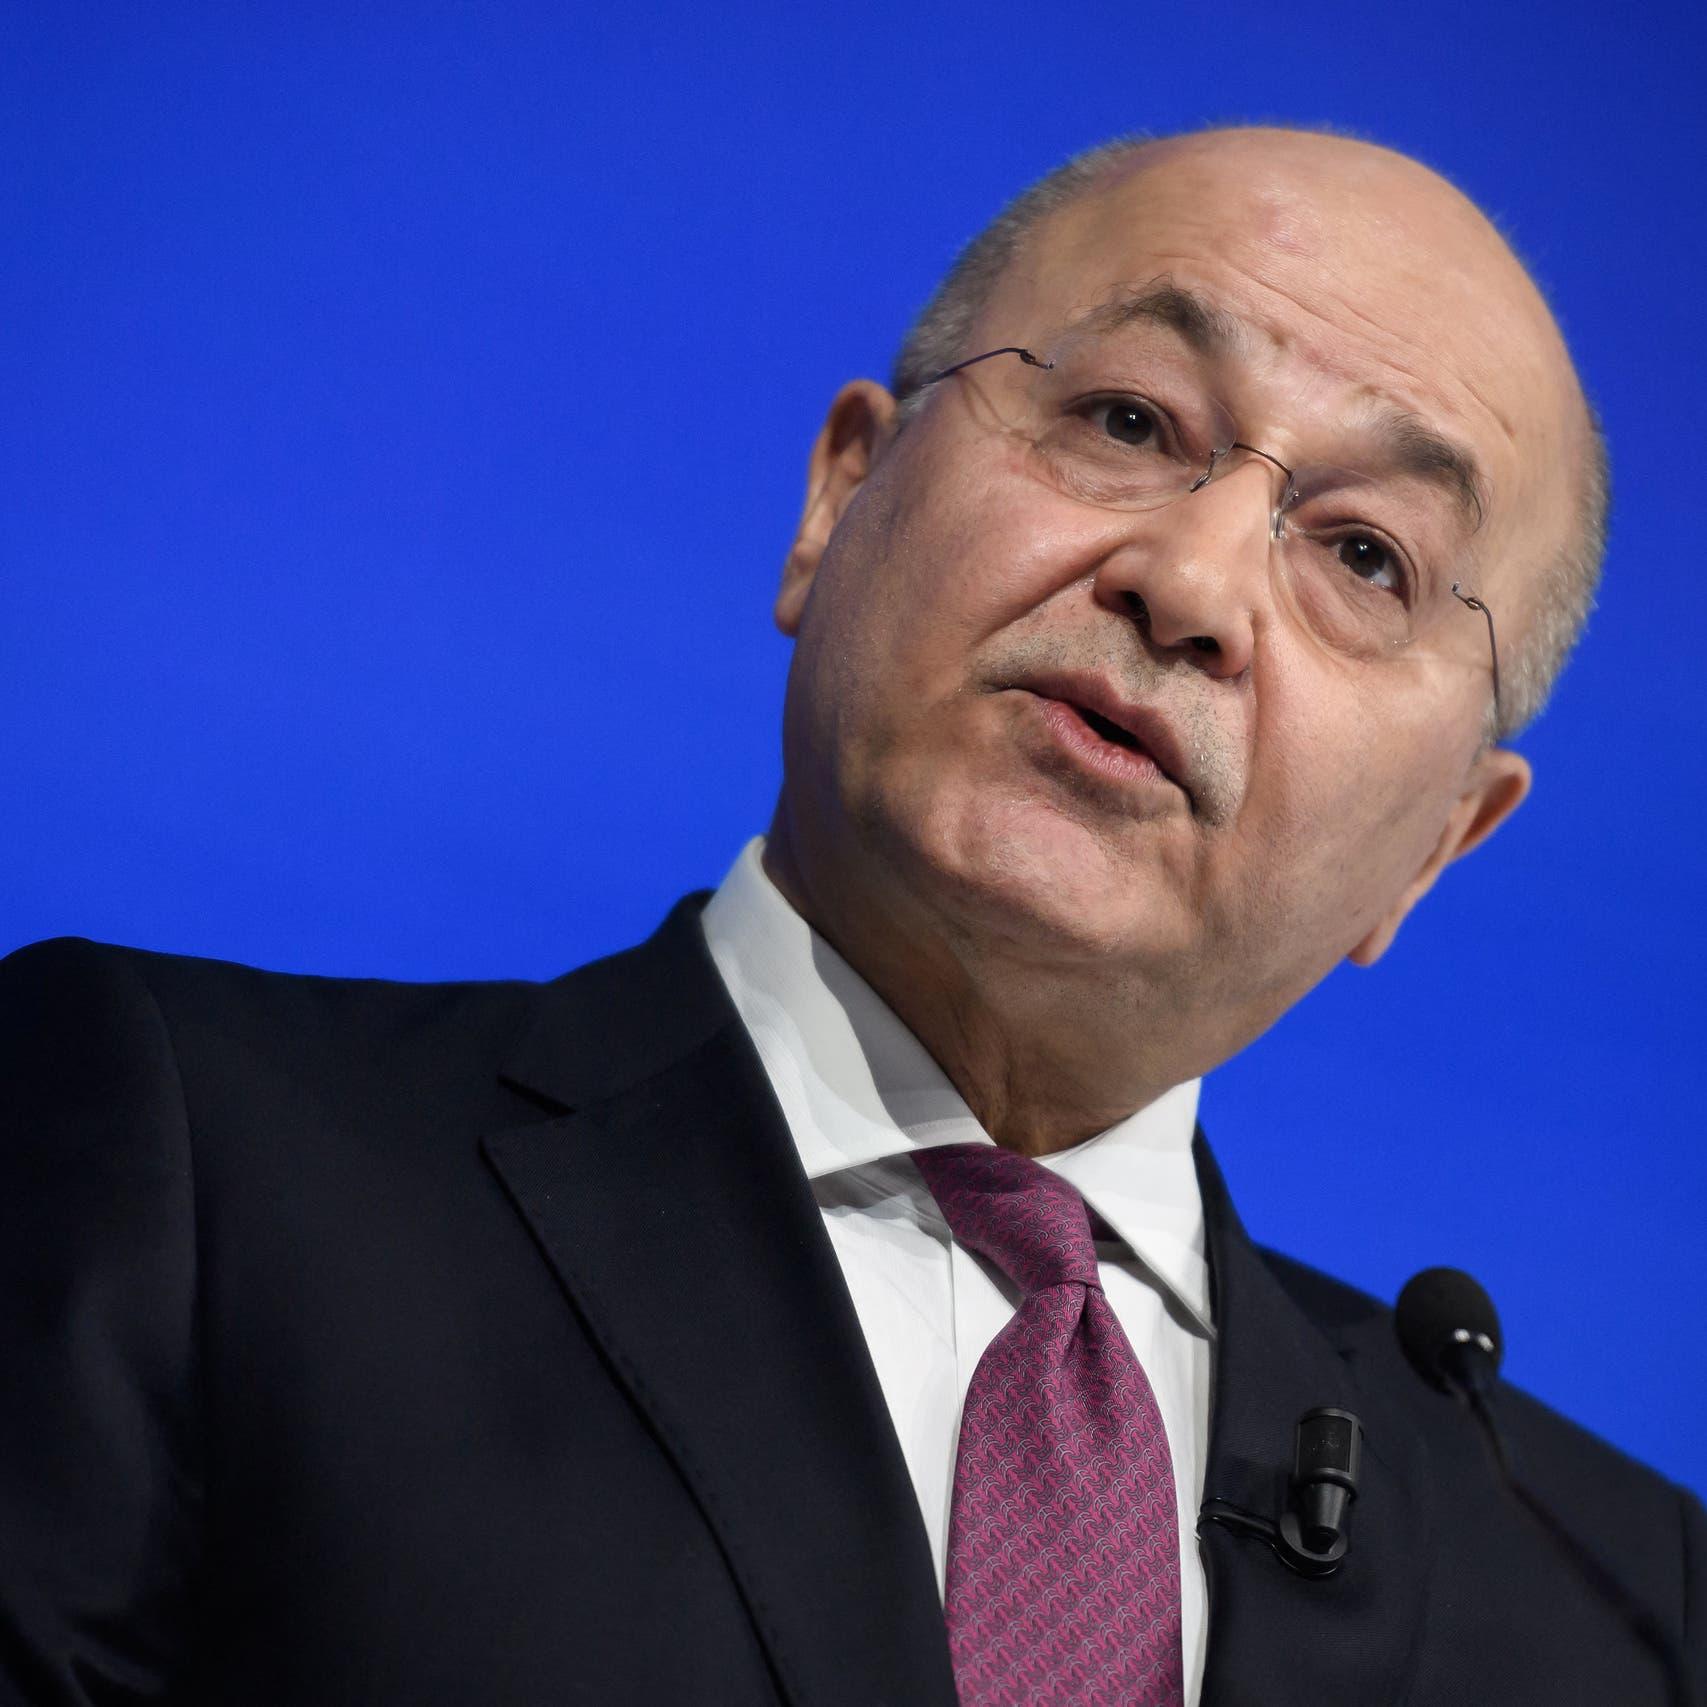 رئيس العراق بتصريح صادم: الفساد كبدنا مليارات الدولارات